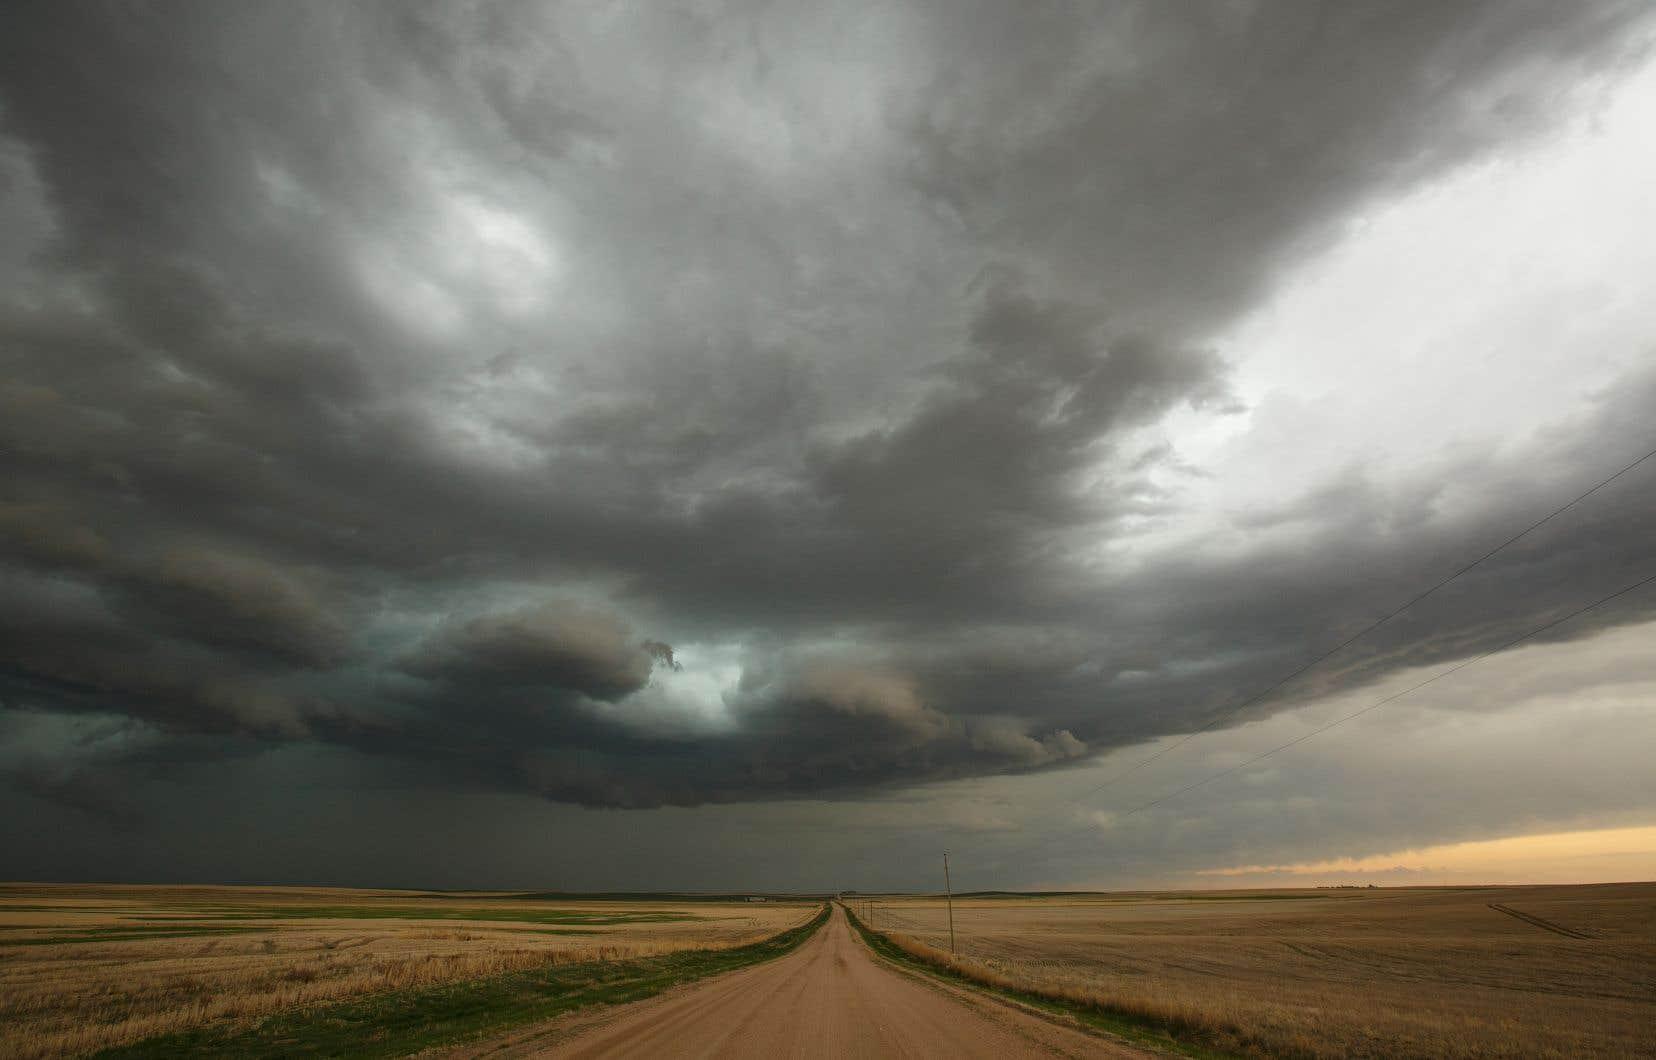 Jusqu'à maintenant, les scientifiques se sont penchés sur ces catastrophes principalement par type. Mais l'étude publiée lundi dans la revue <em>Nature Climate Change</em> met en garde contre la possibilité, voire la probabilité qu'elles se déchaînent en cascade.